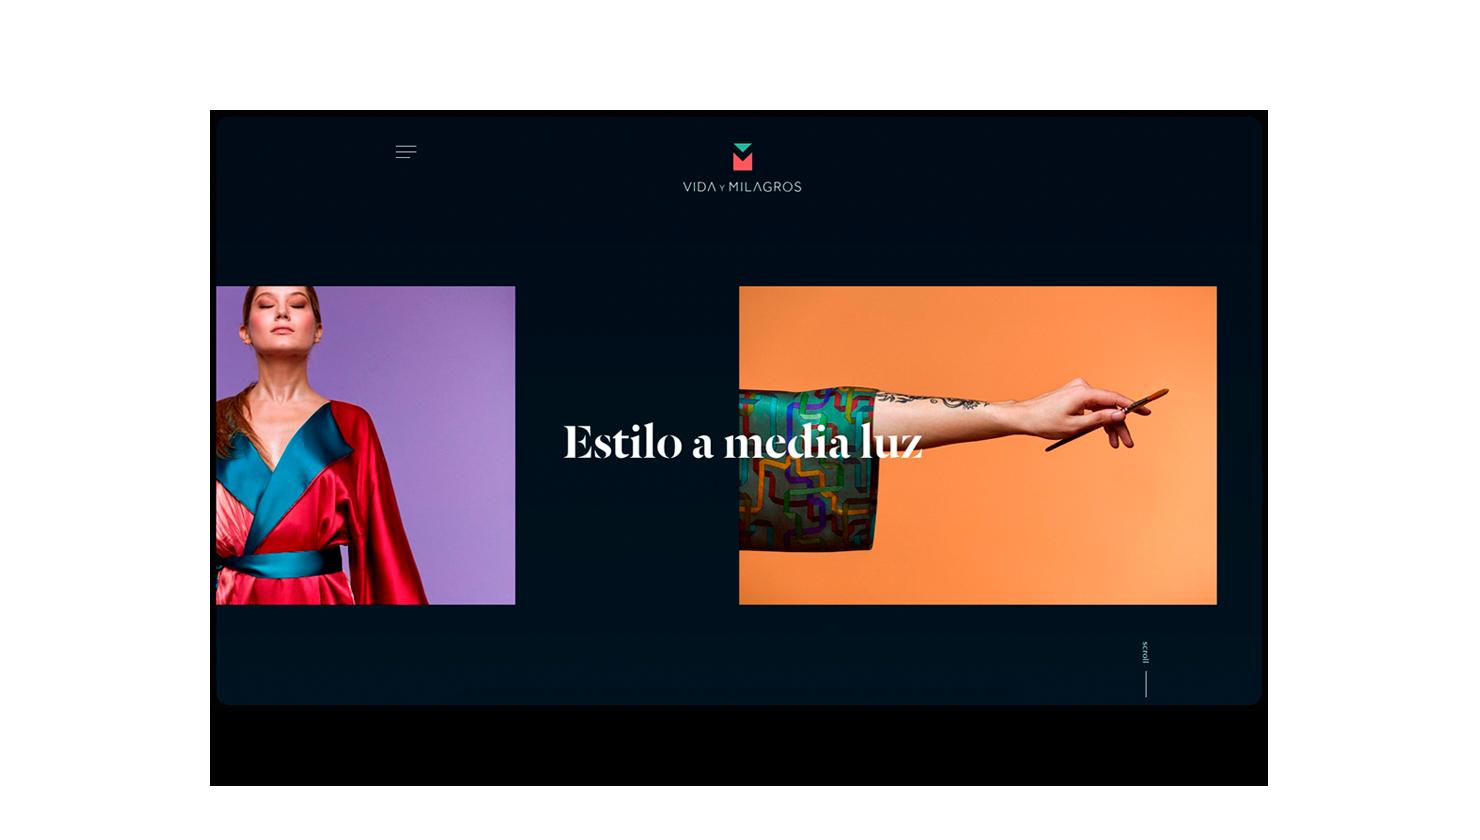 Estrategia, web y e-commerce para la firma de moda textil Vida y Milagros